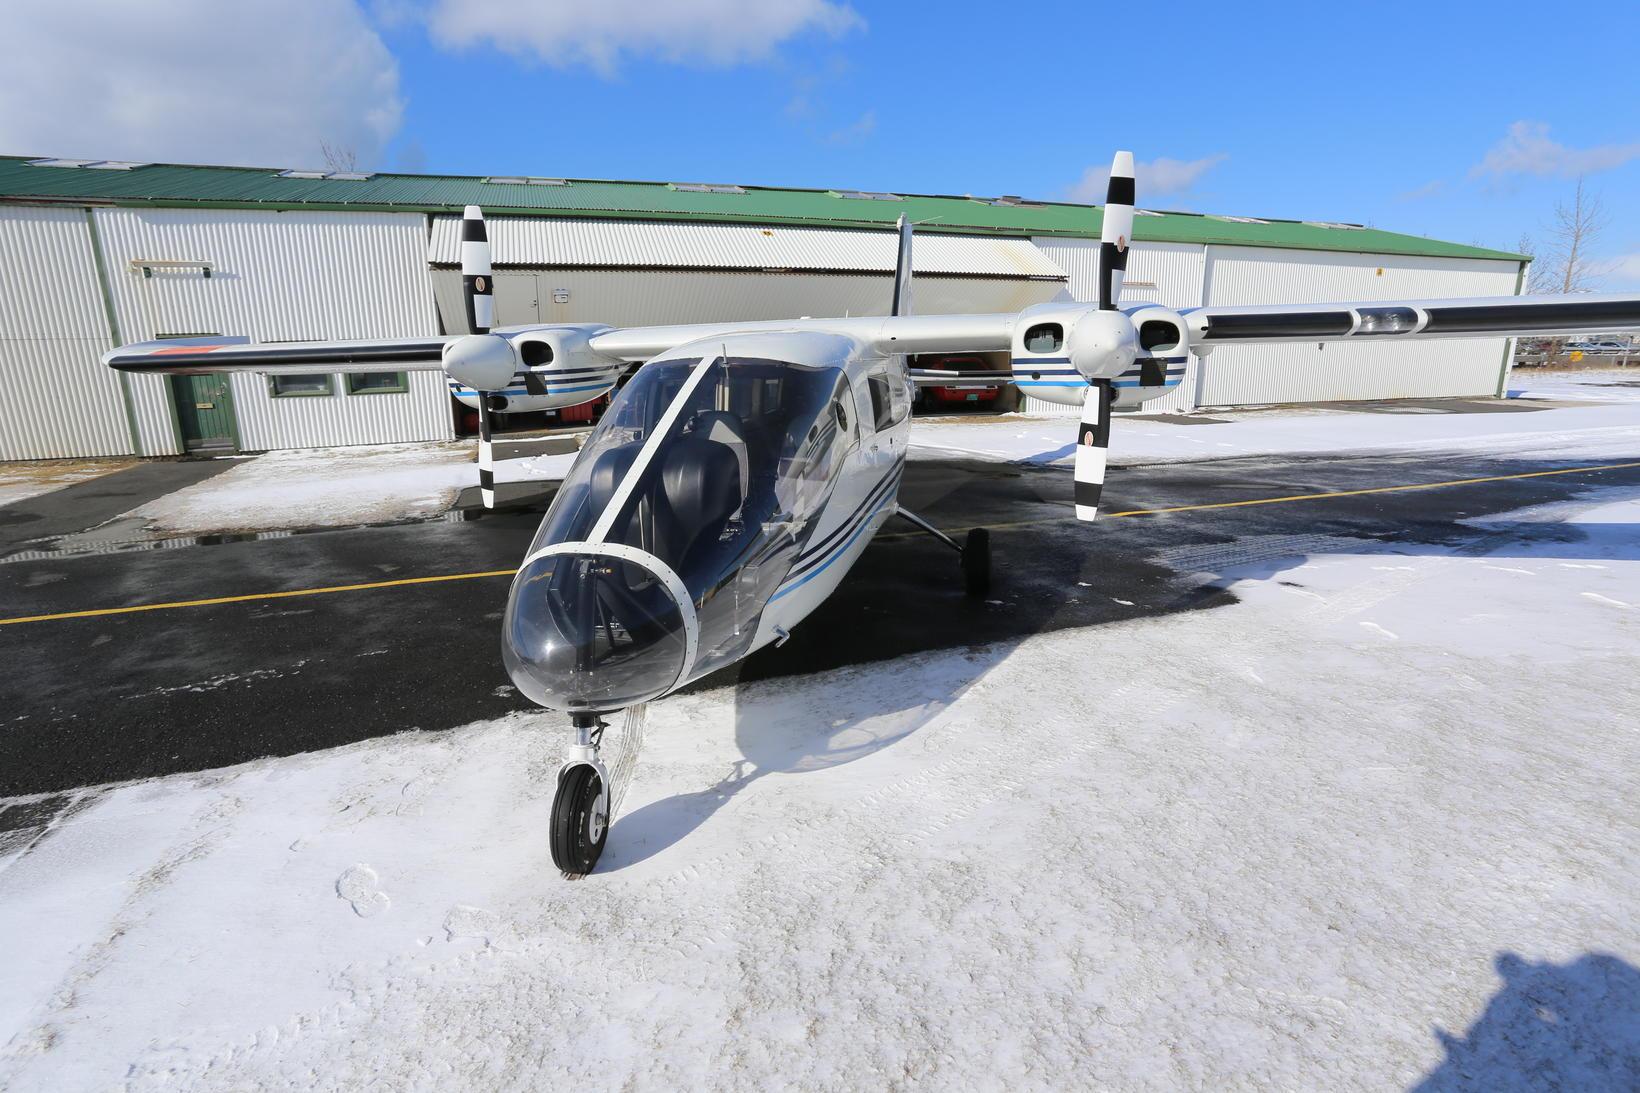 Flugvélin TF-BMW er í eigu Garðaflugs